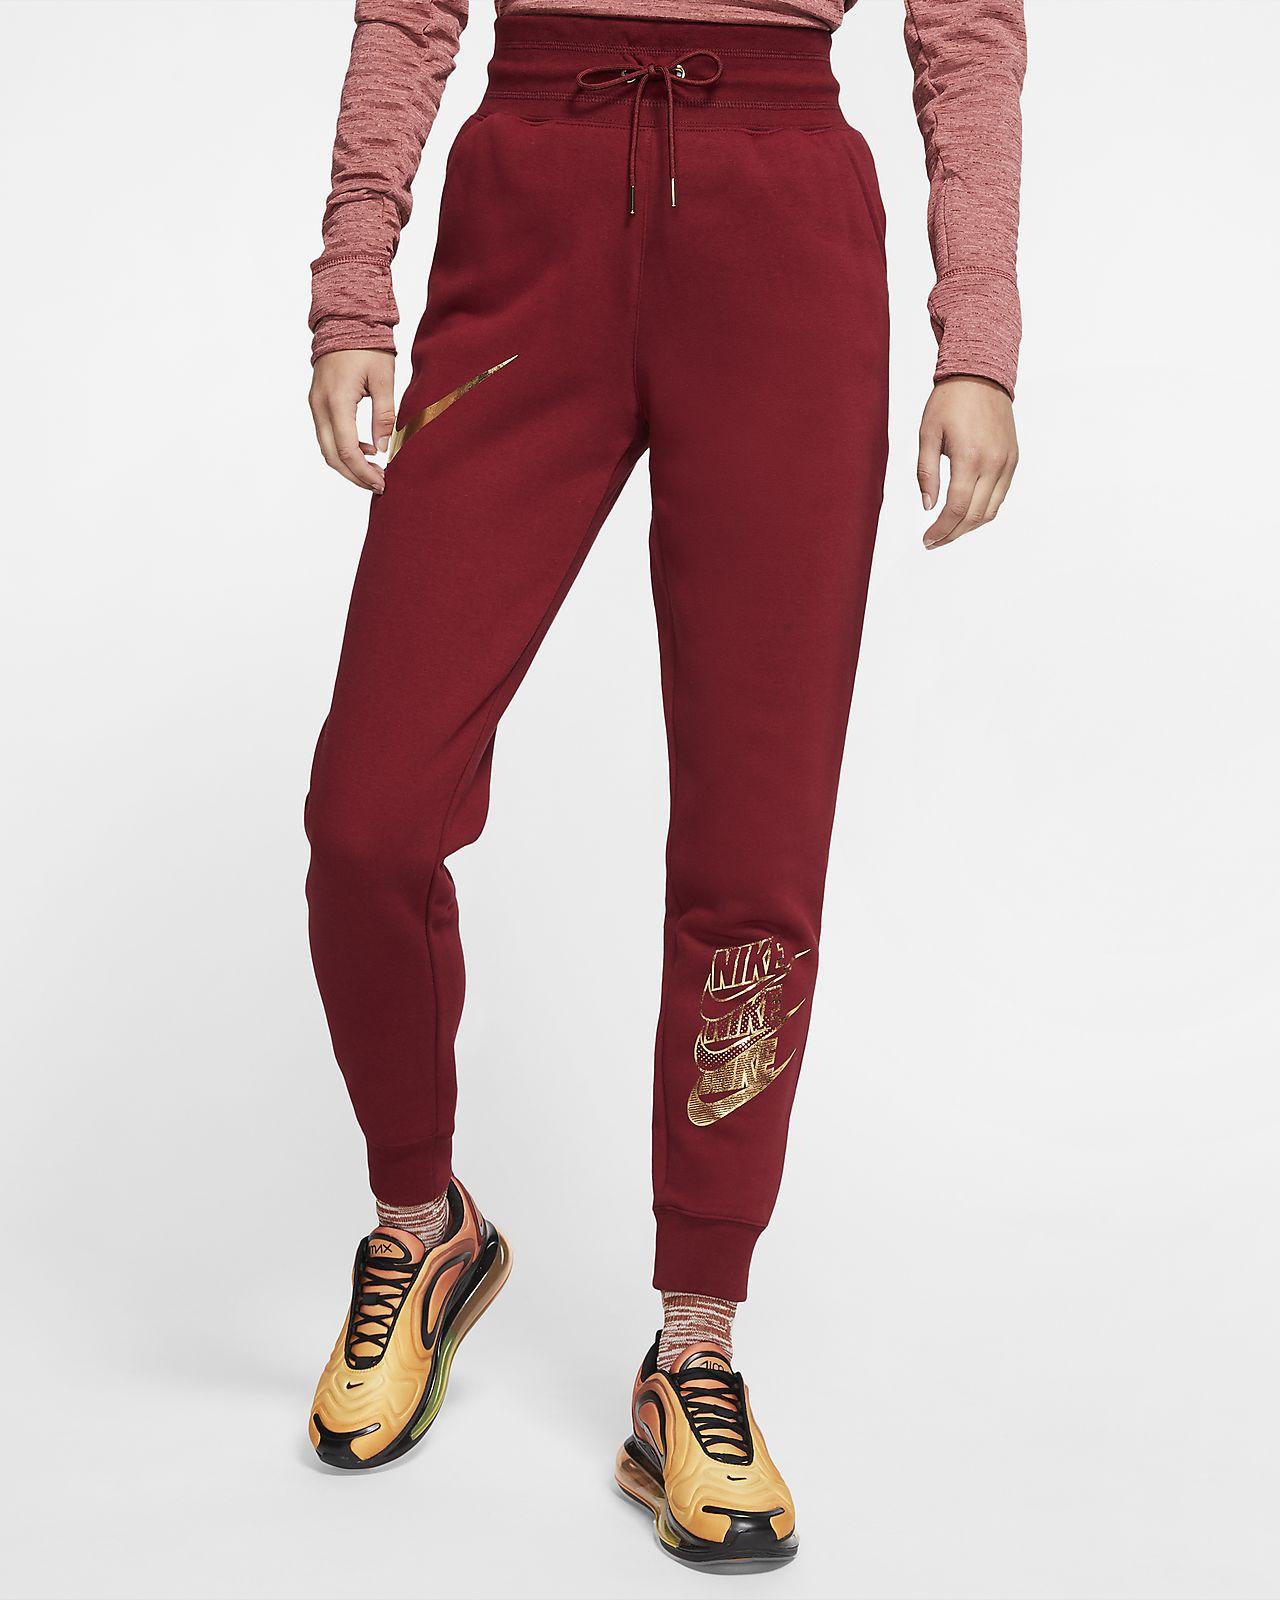 Spodnie damskie Nike Sportswear